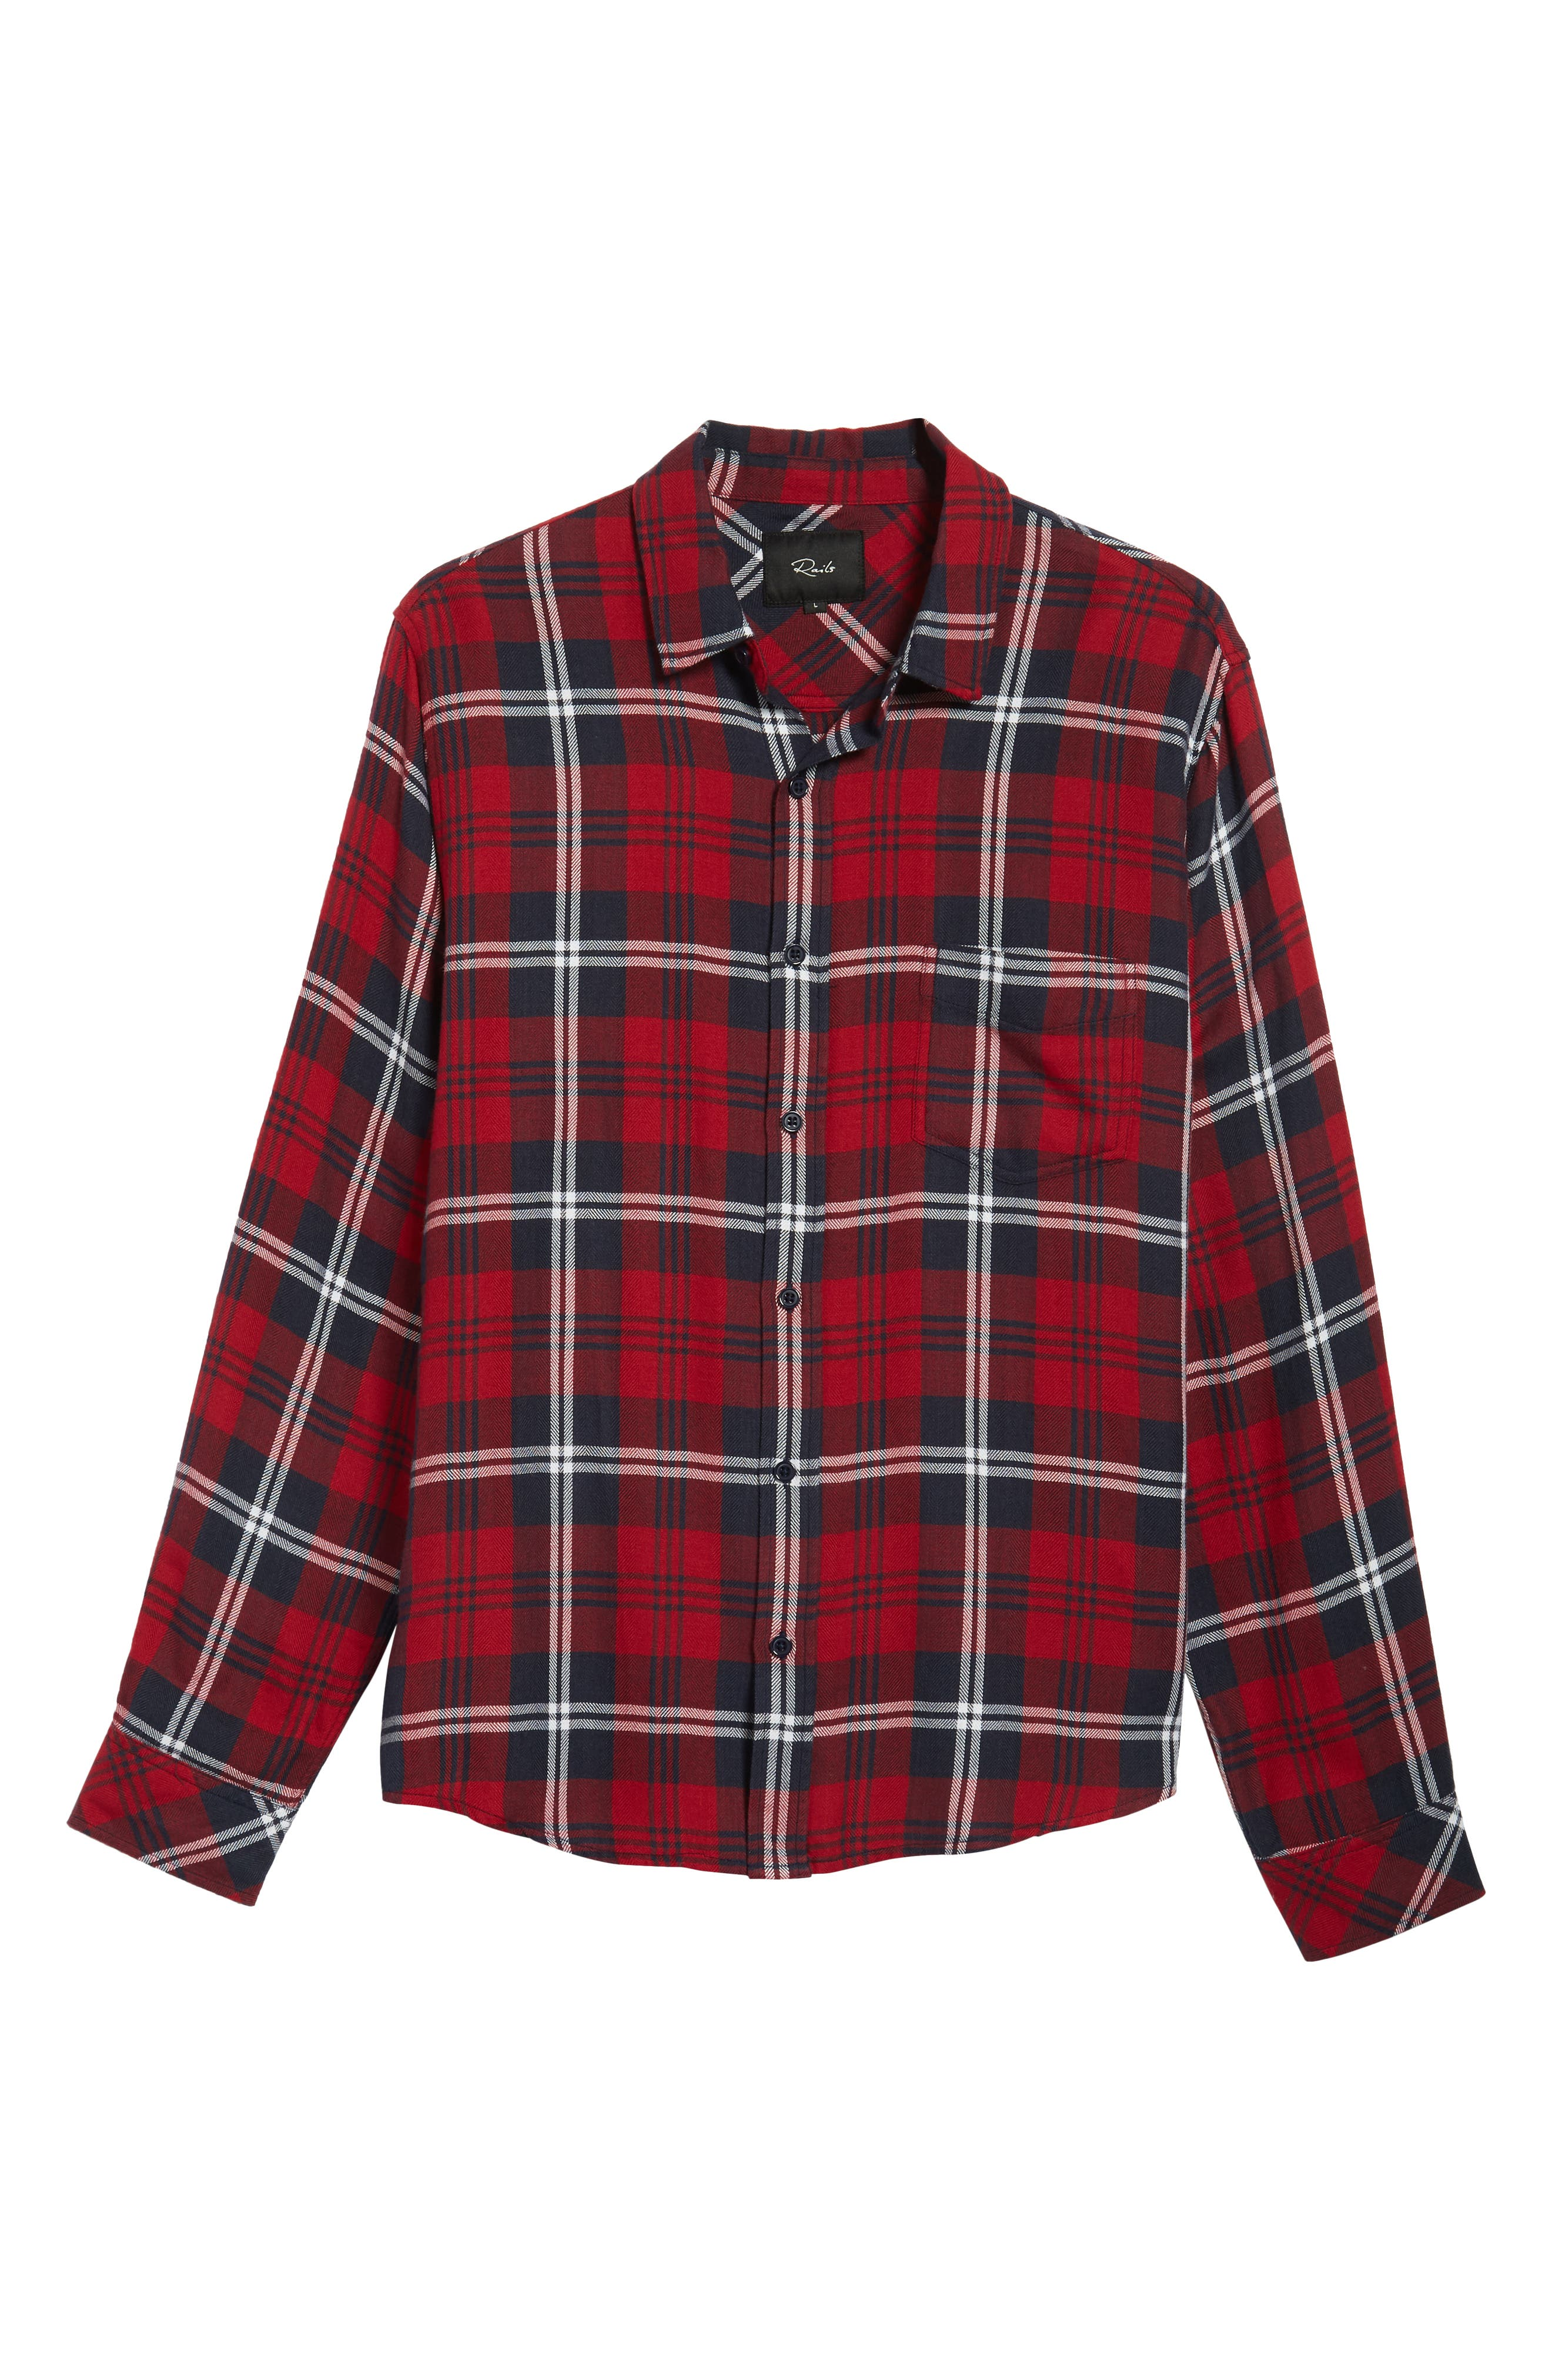 Lennox Sport Shirt,                             Alternate thumbnail 5, color,                             Red/ Navy/ White